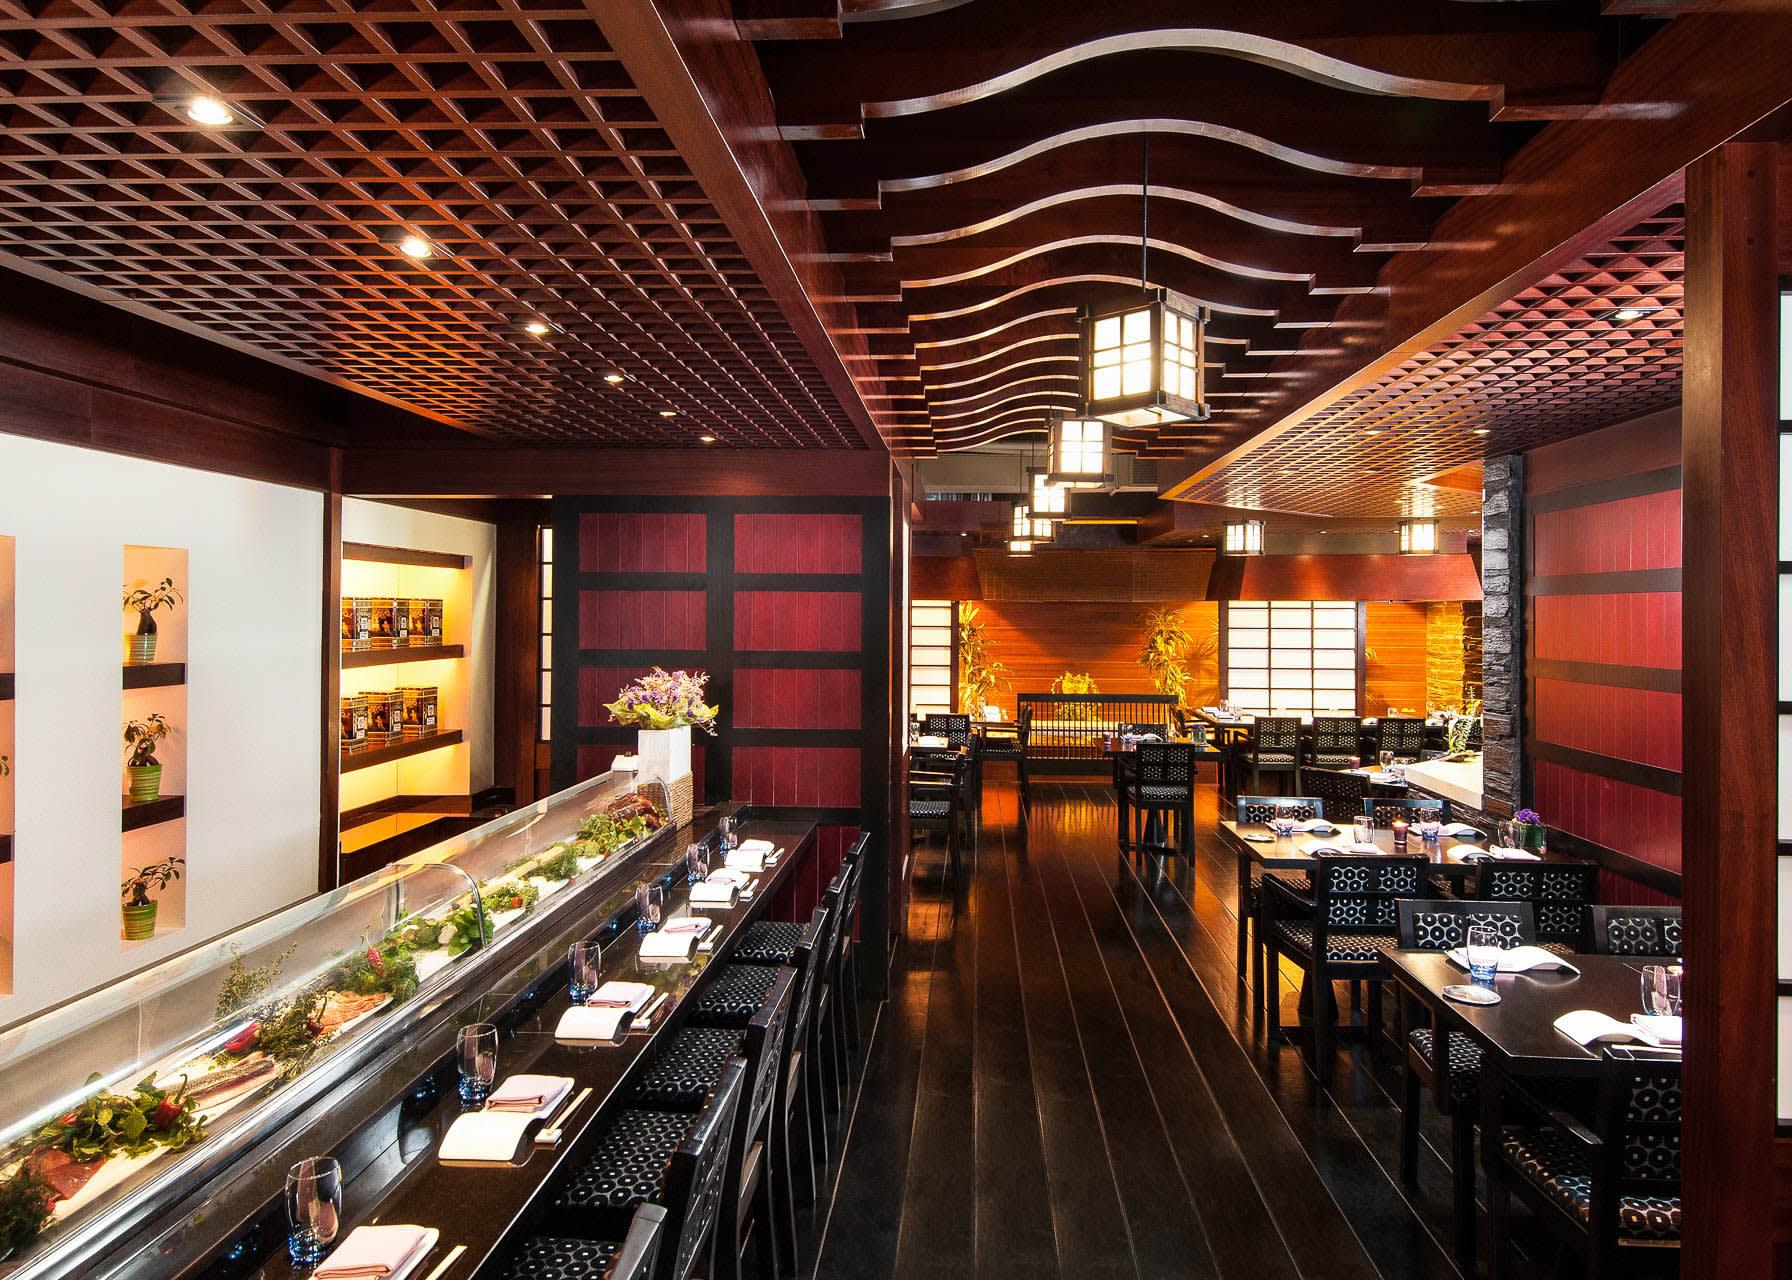 Kamakura restaurant Sushi bar